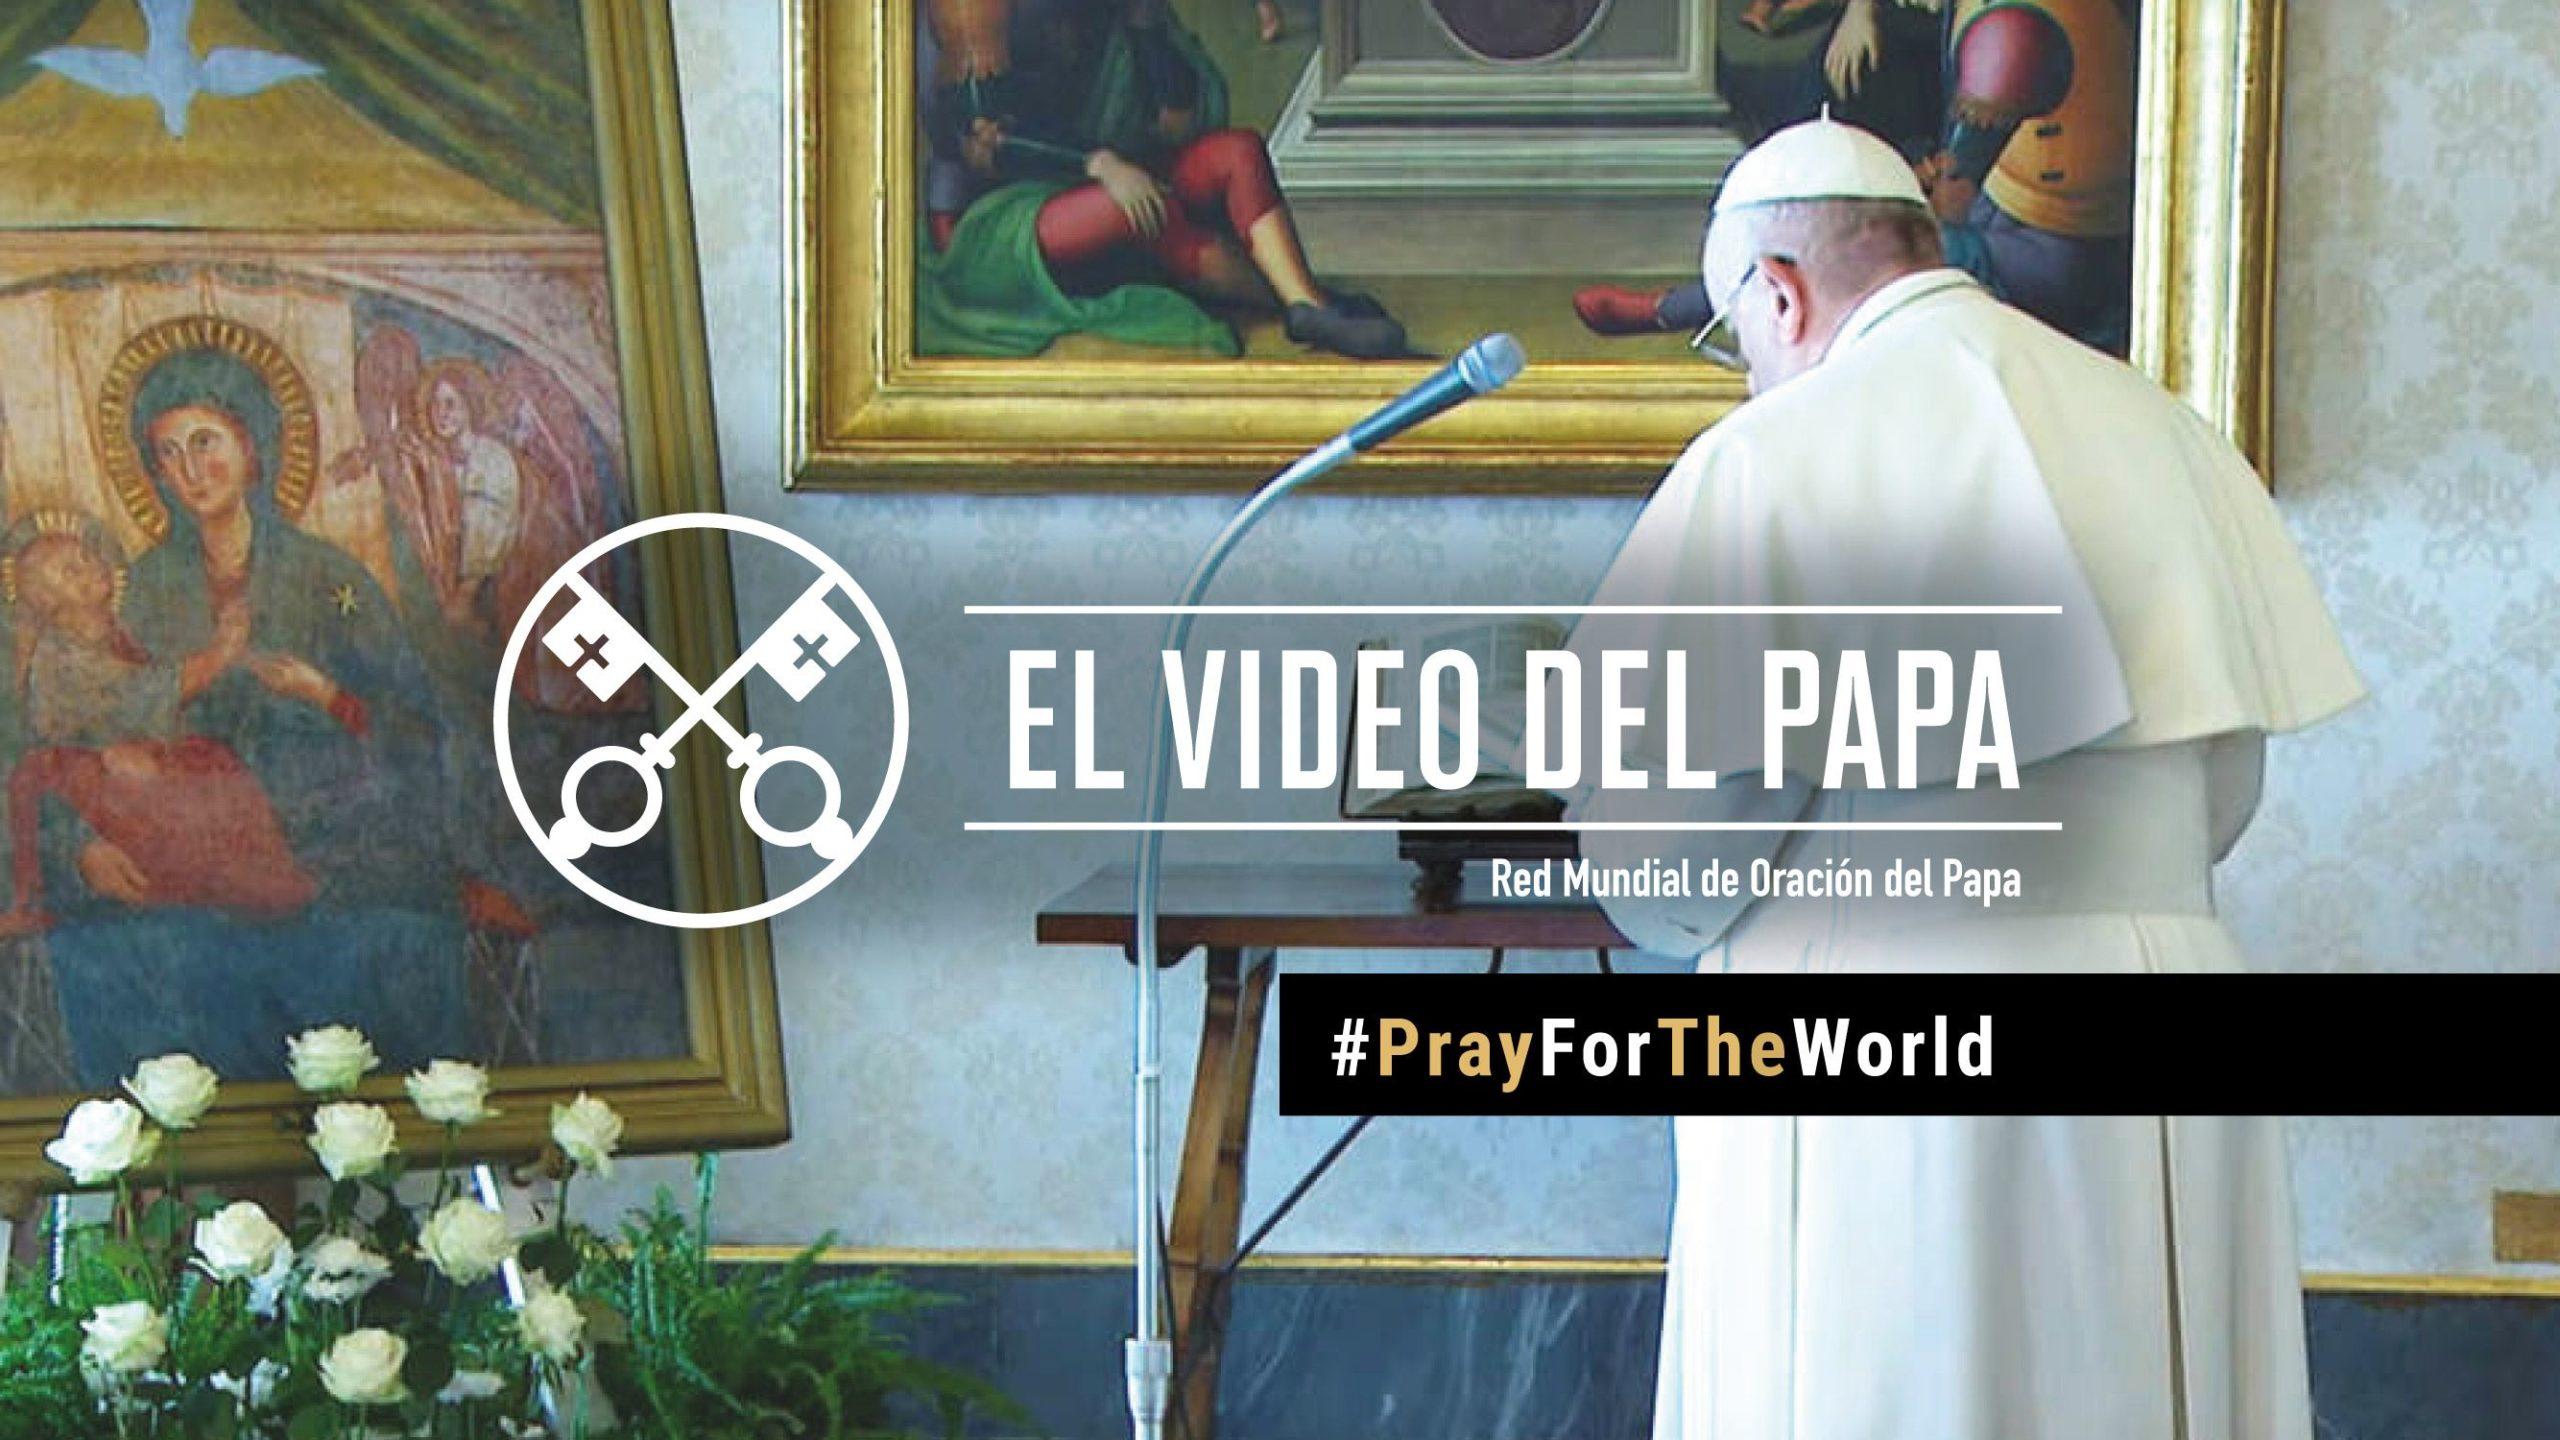 Official Image - TPV PFTW 2020 ES - El Video del Papa - #PrayForTheWorld